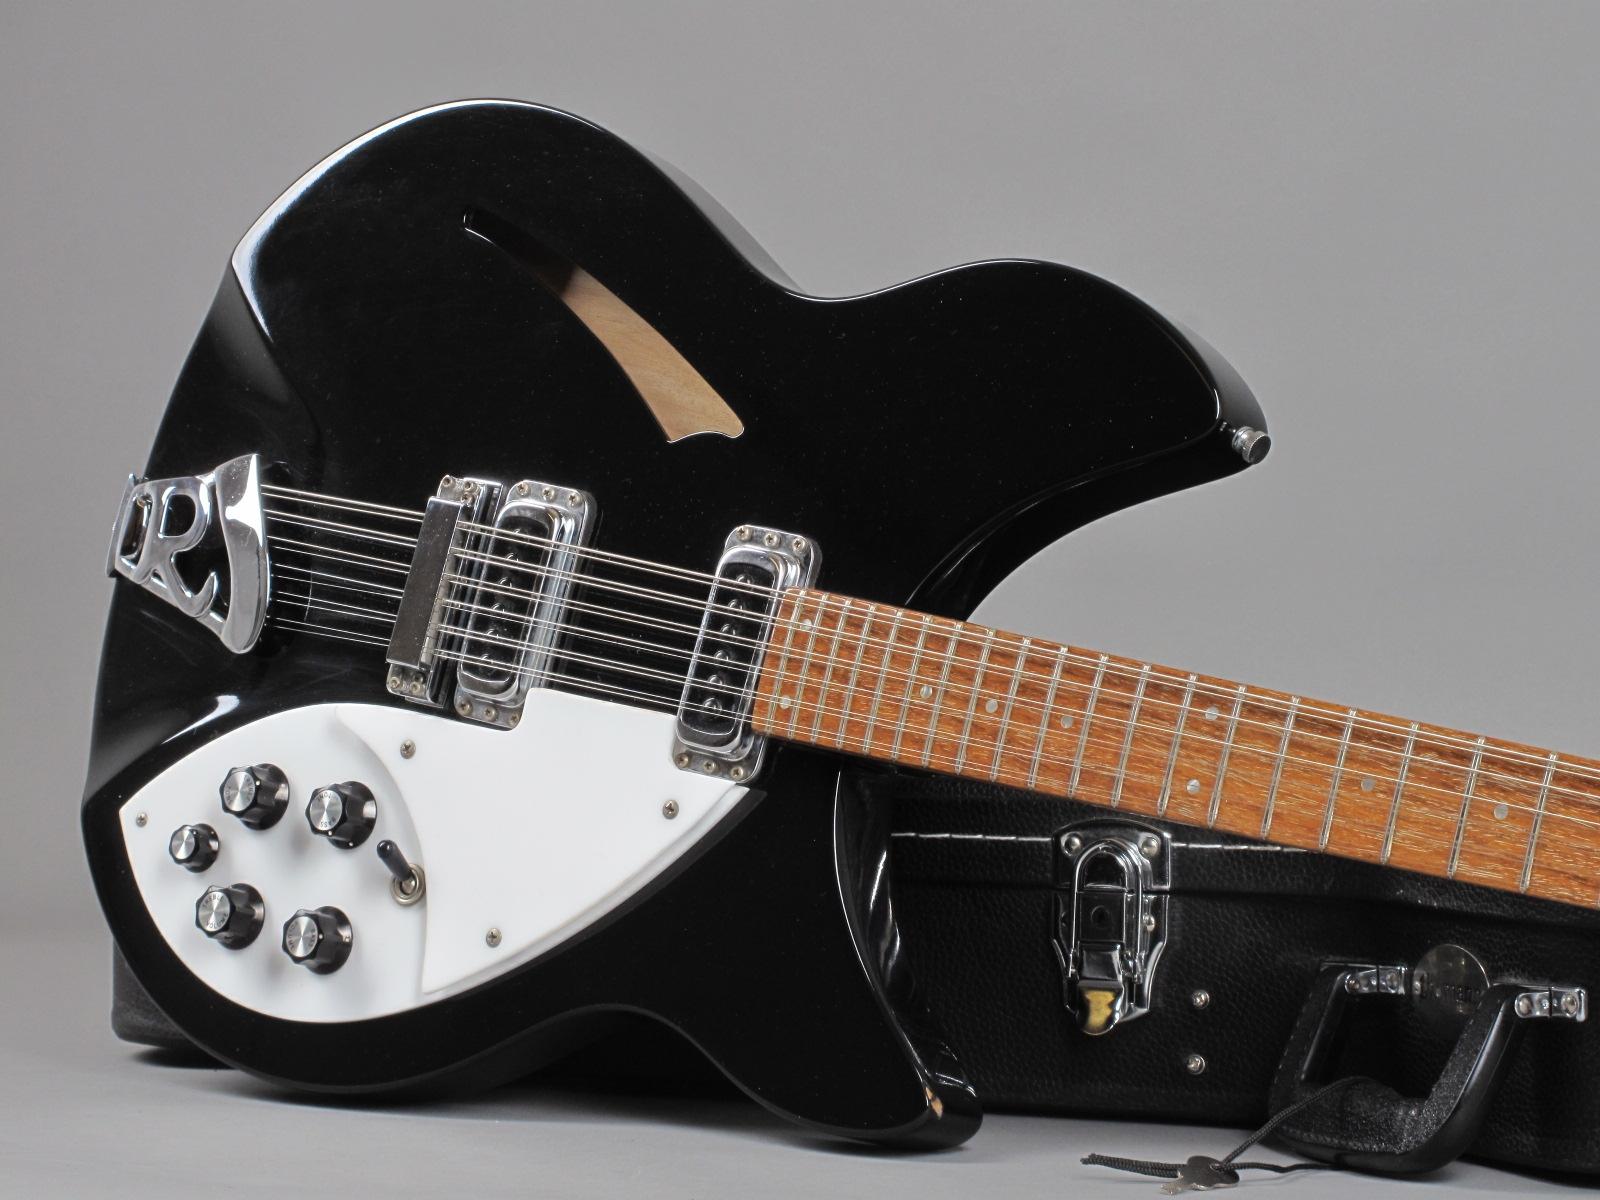 https://guitarpoint.de/app/uploads/products/1986-rickenbacker-330-12-jetglo/1986-Rickenbacker-330-12-Jetglo-ZE1420-19.jpg